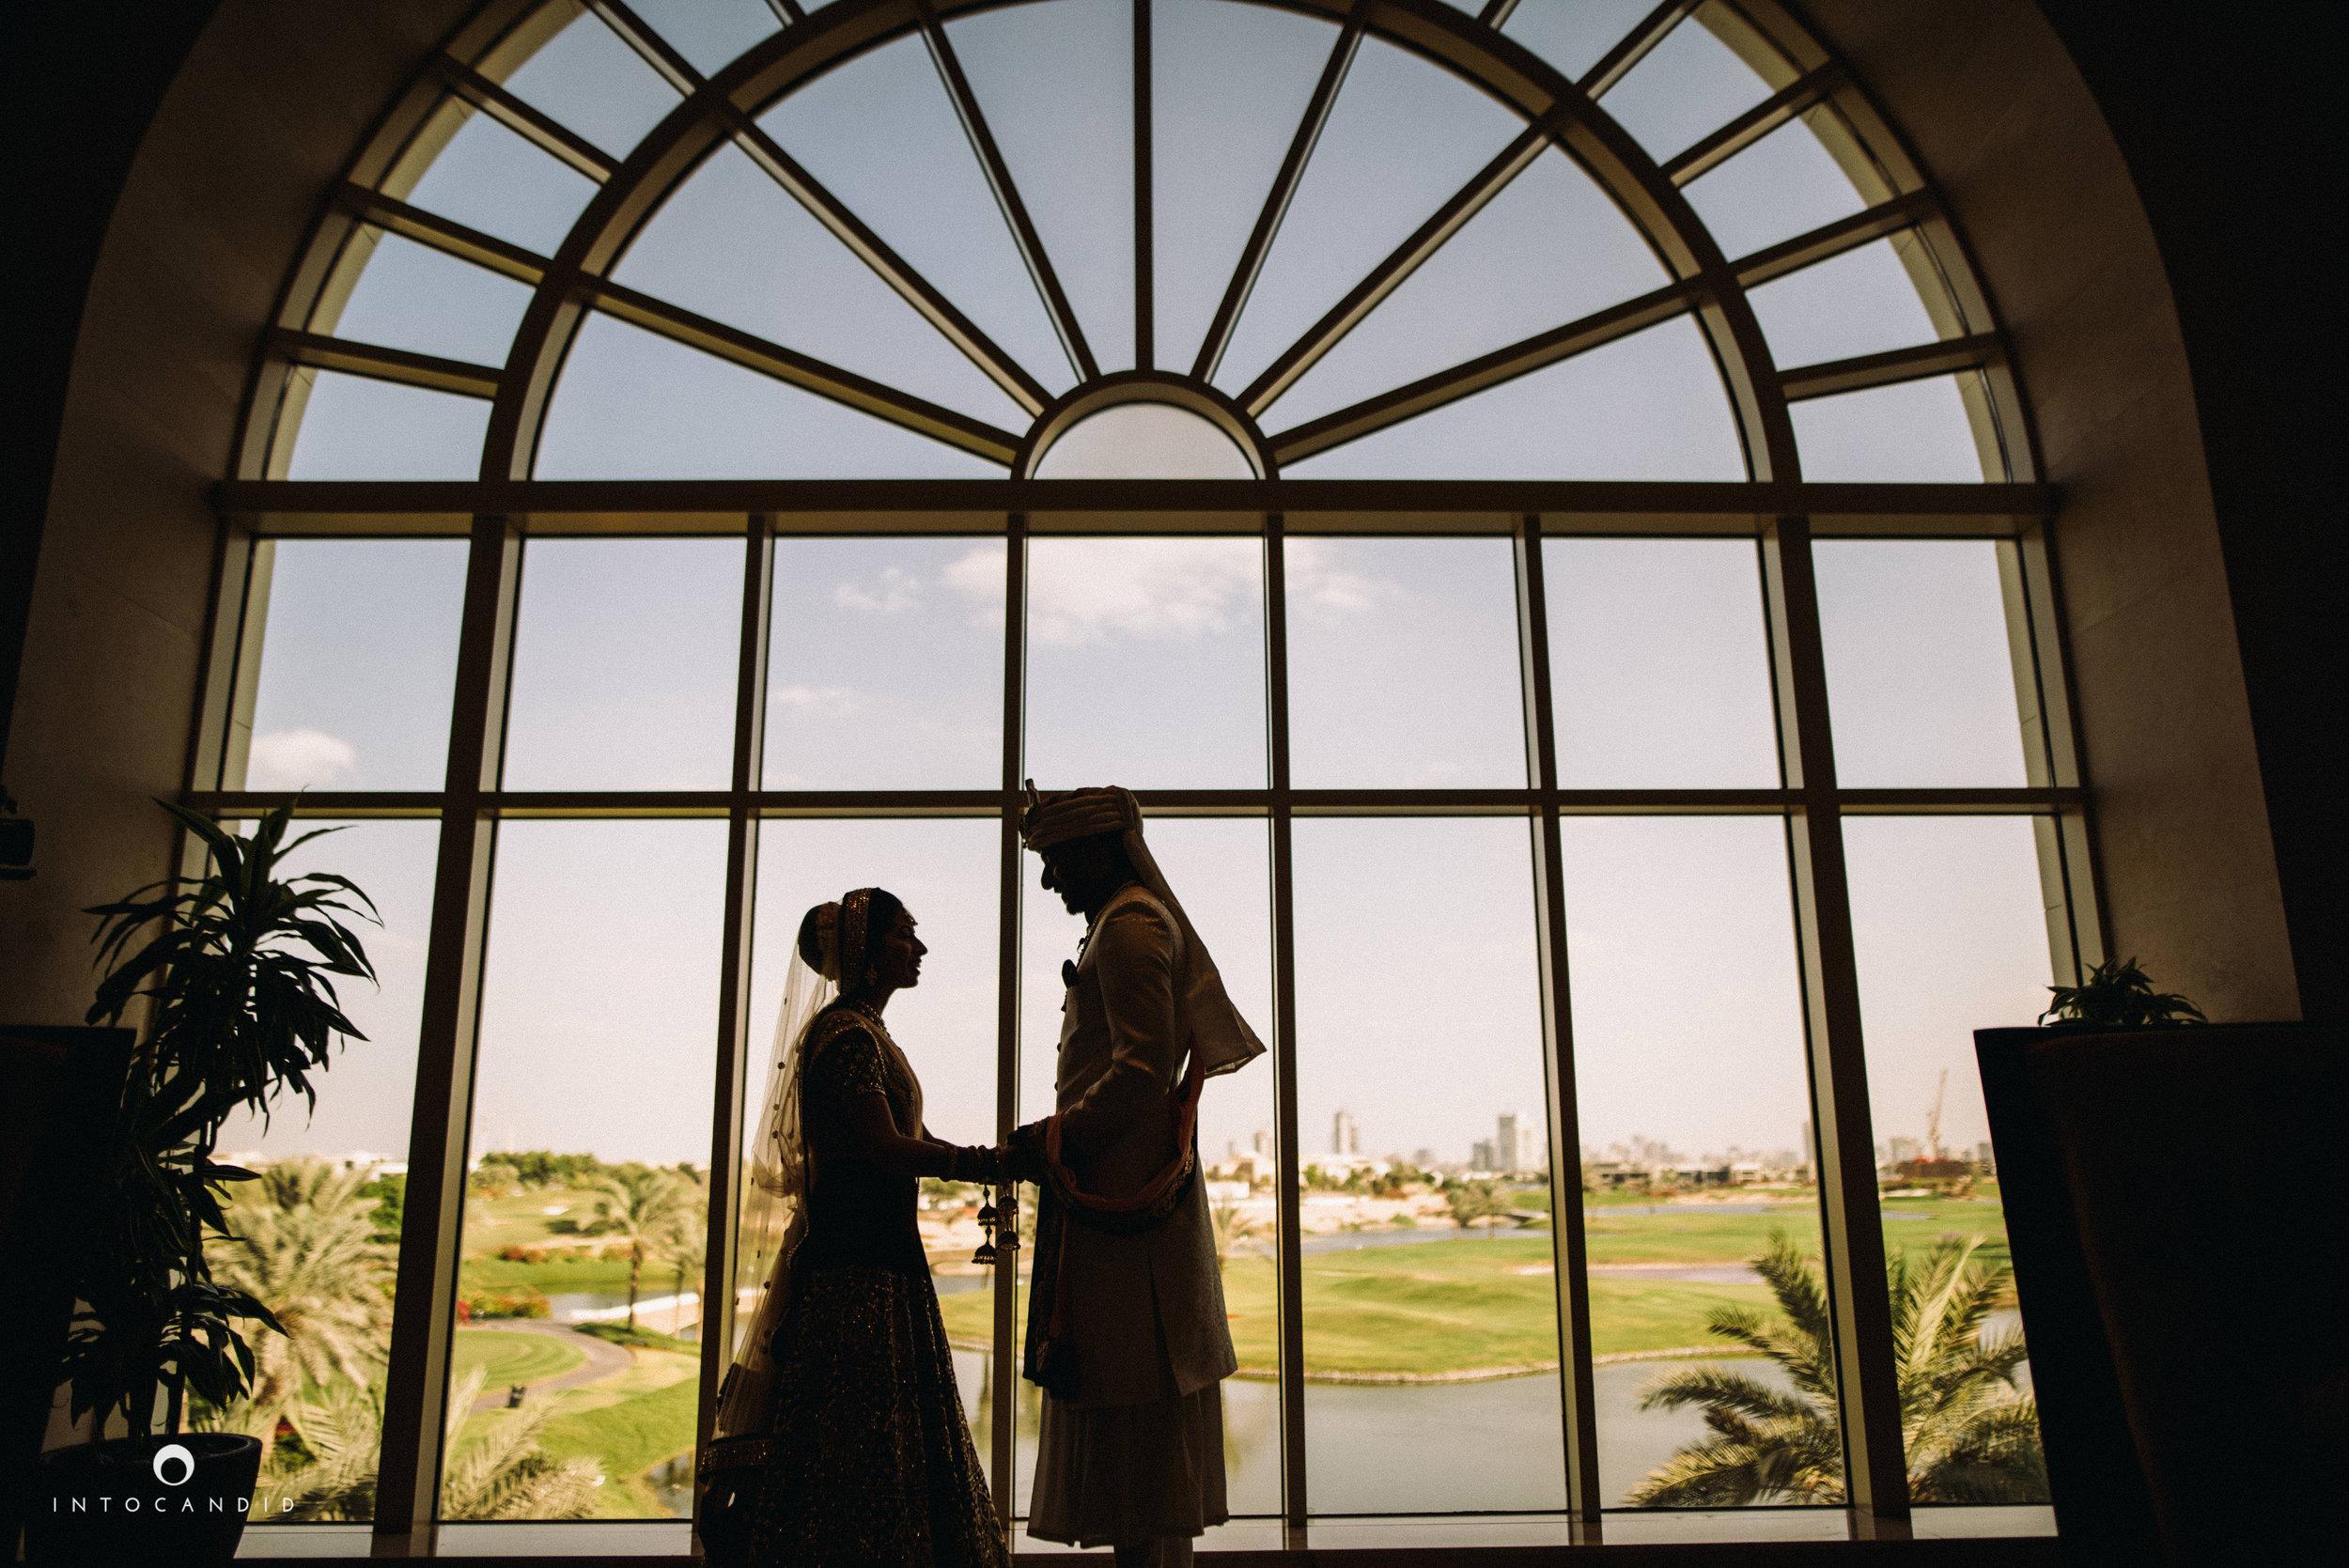 Dubai_Wedding_Photographer_11.JPG